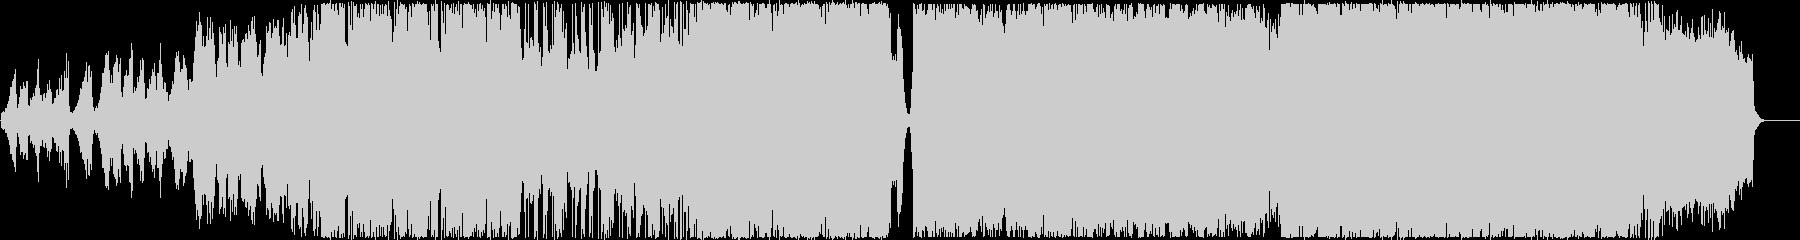 壮大なシンフォニックメタルの未再生の波形